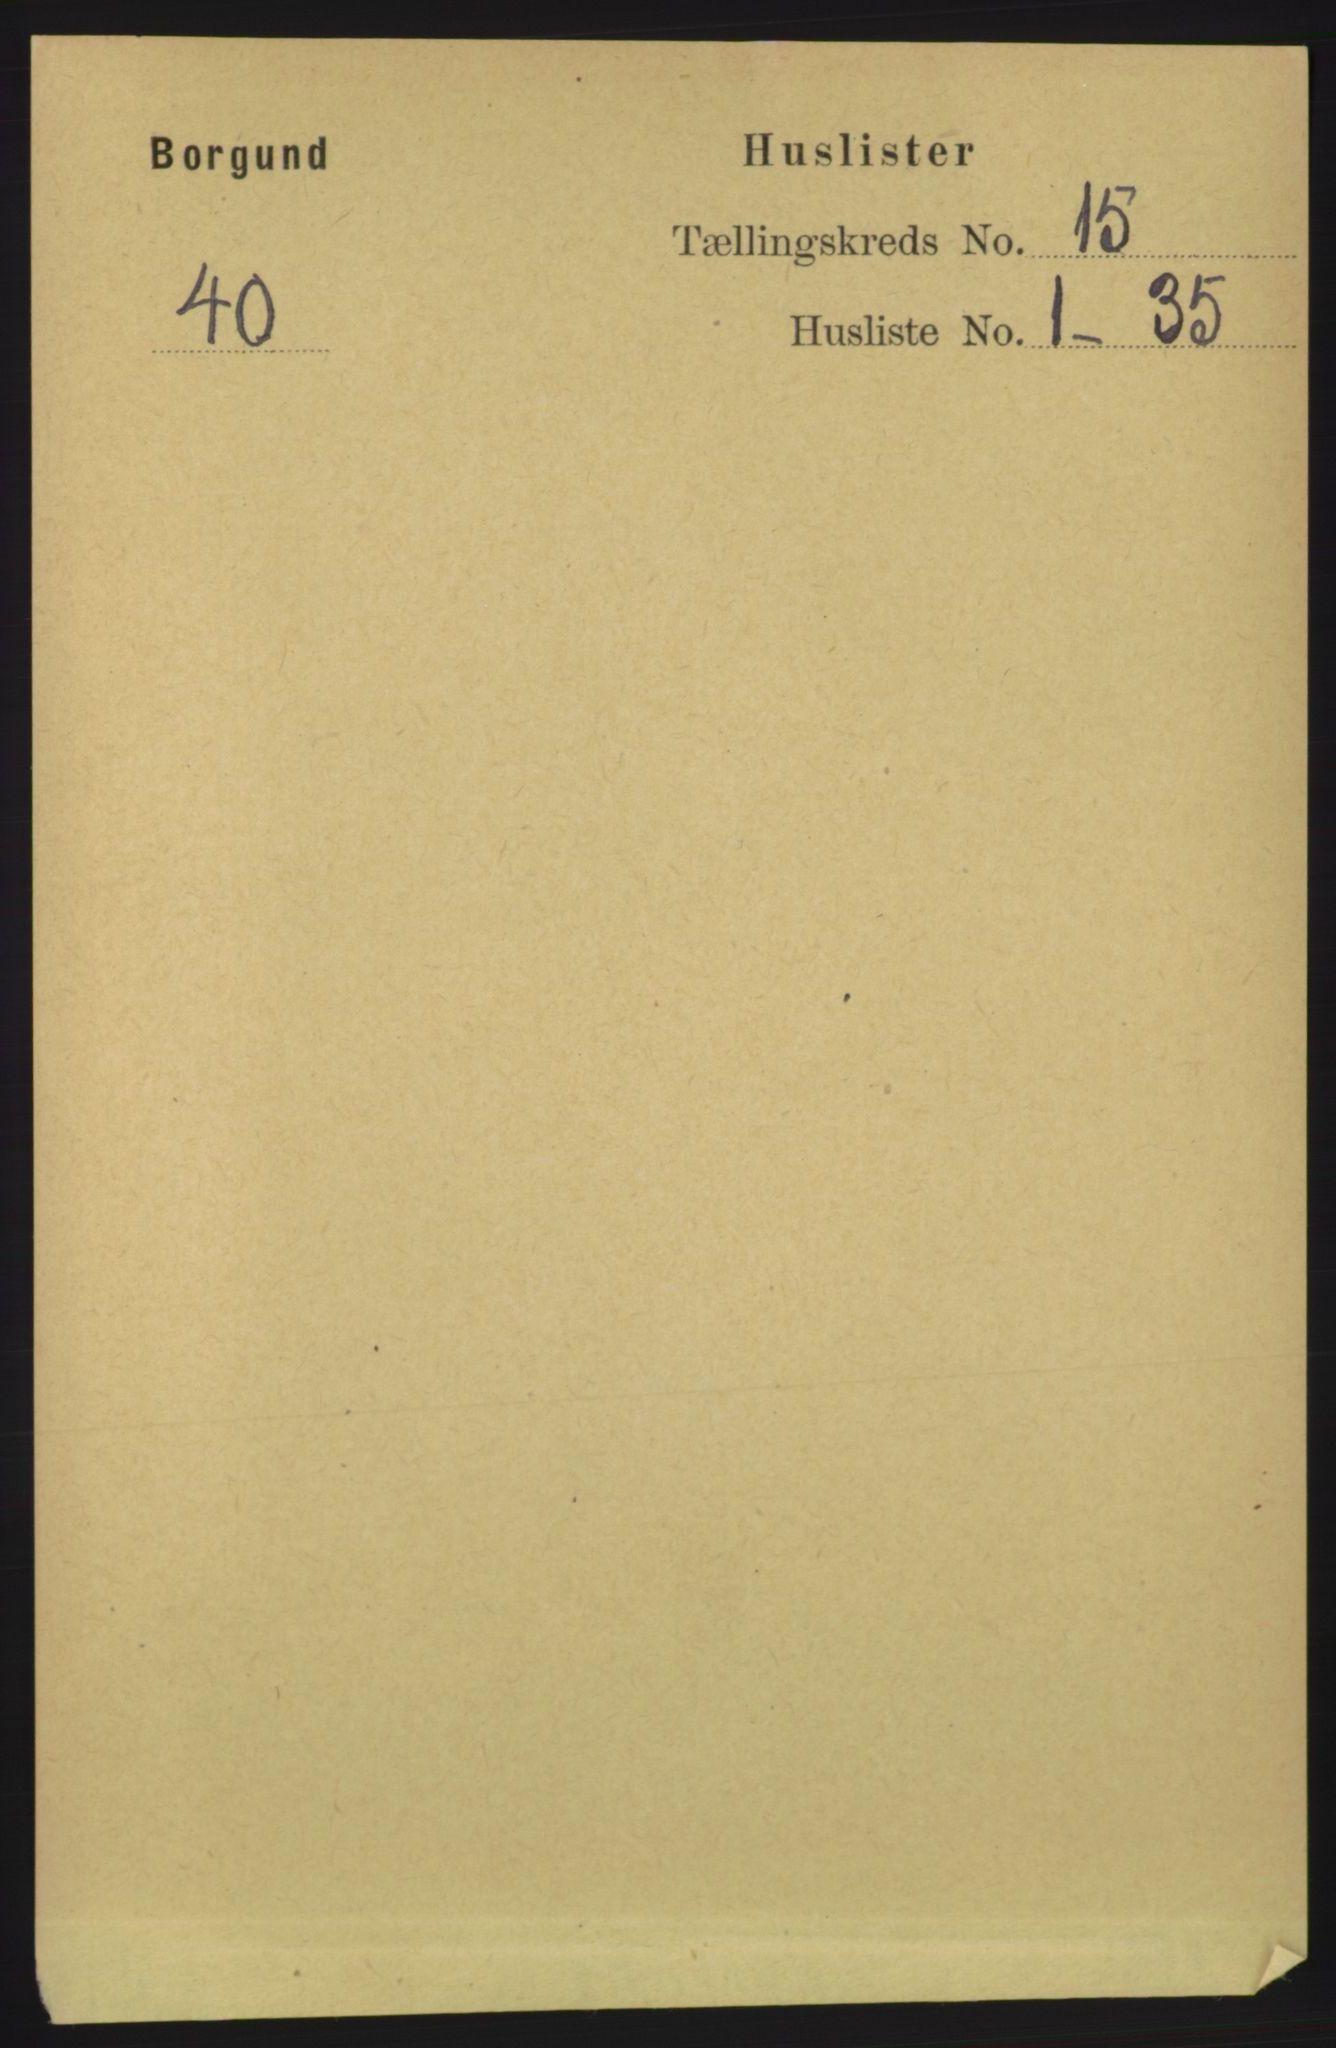 RA, Folketelling 1891 for 1531 Borgund herred, 1891, s. 4440